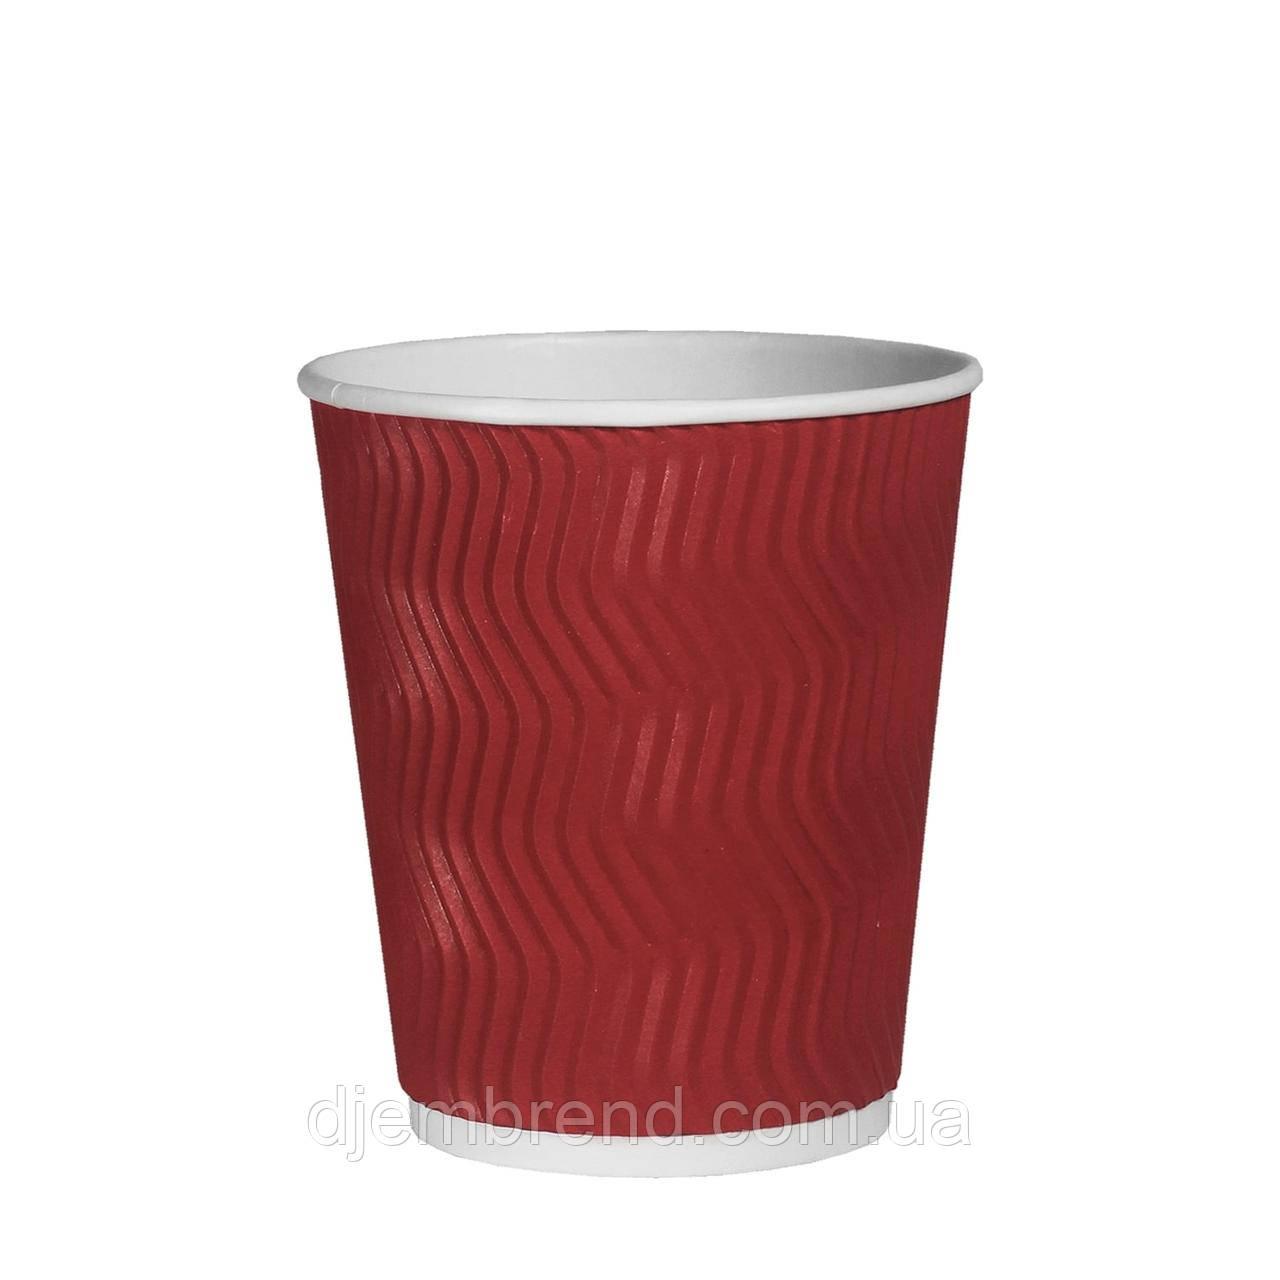 Стакан бумажный гофрированный Эко-гофра Красный 500мл. (16oz) 25шт/уп (1ящ/20уп/500шт) (ST90/РОМБ 90)